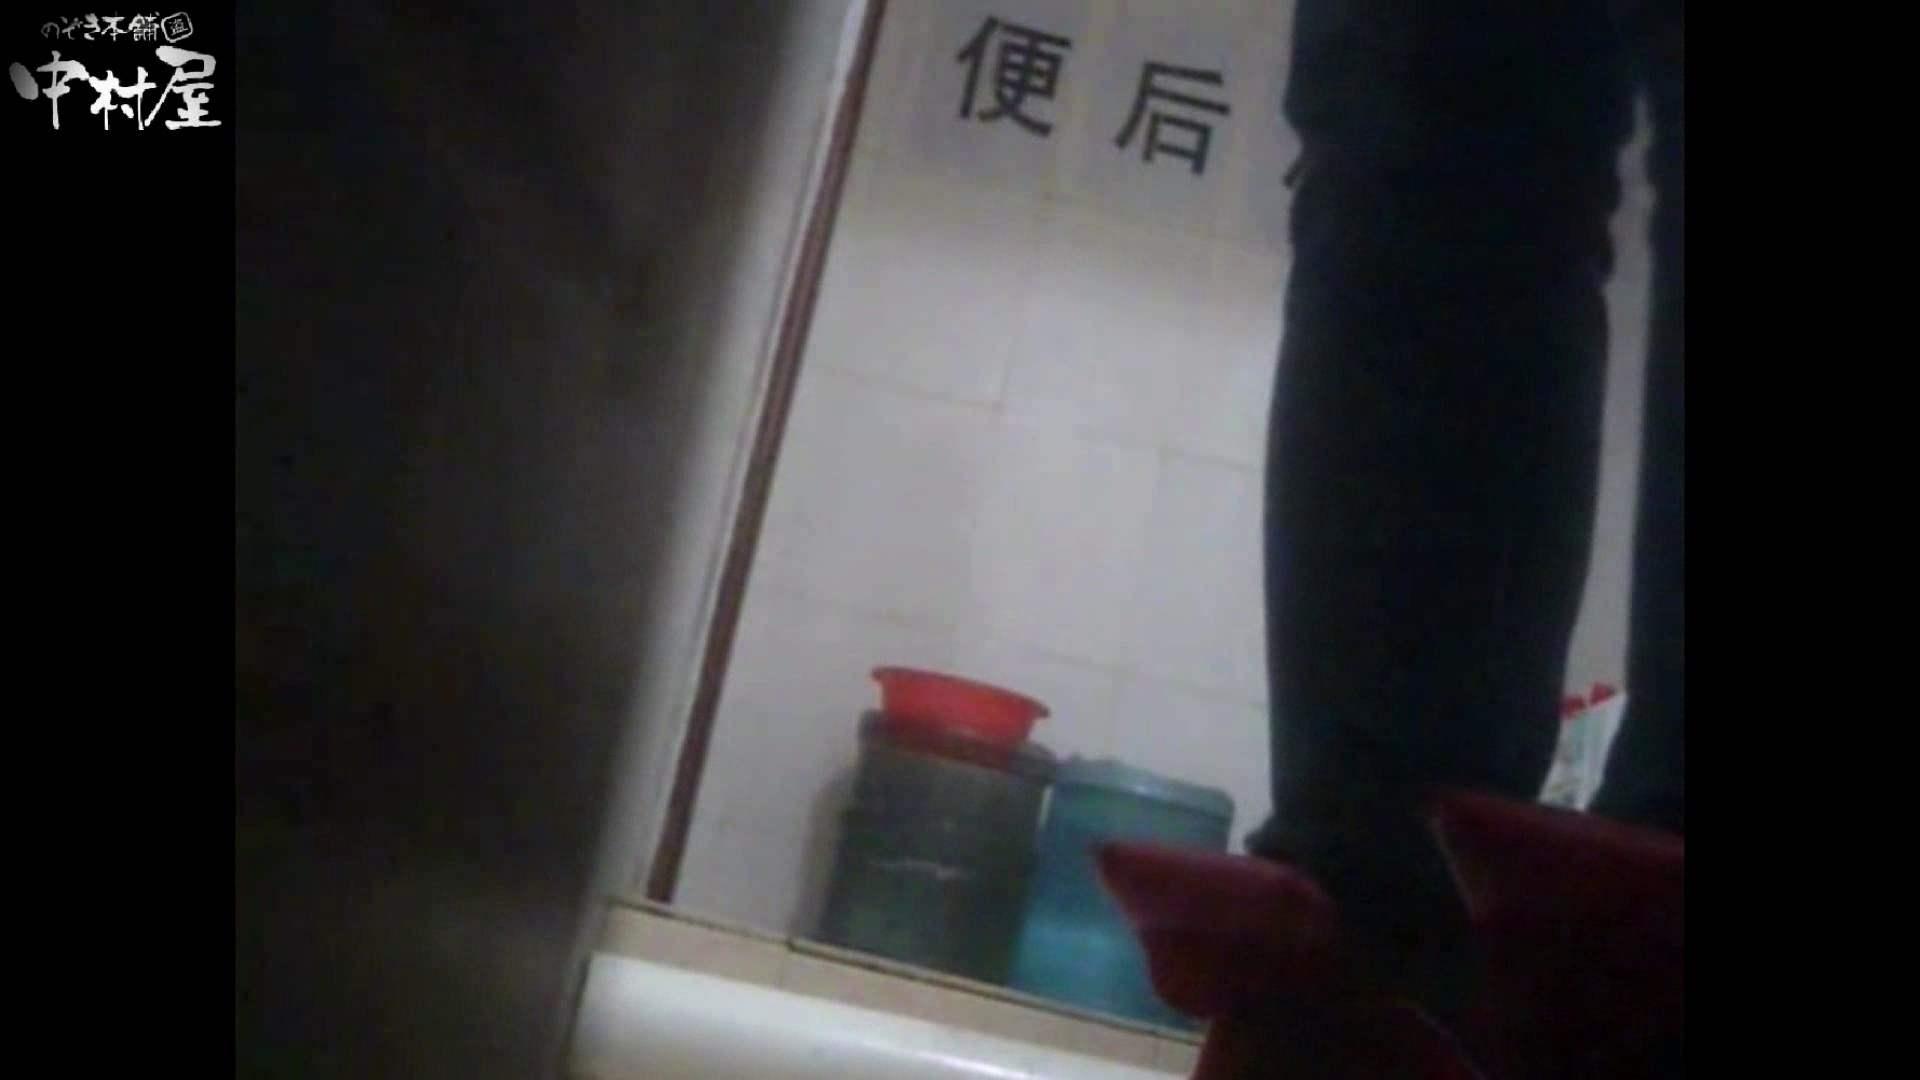 李さんの盗撮日記 Vol.12 盗撮 オマンコ無修正動画無料 102枚 78